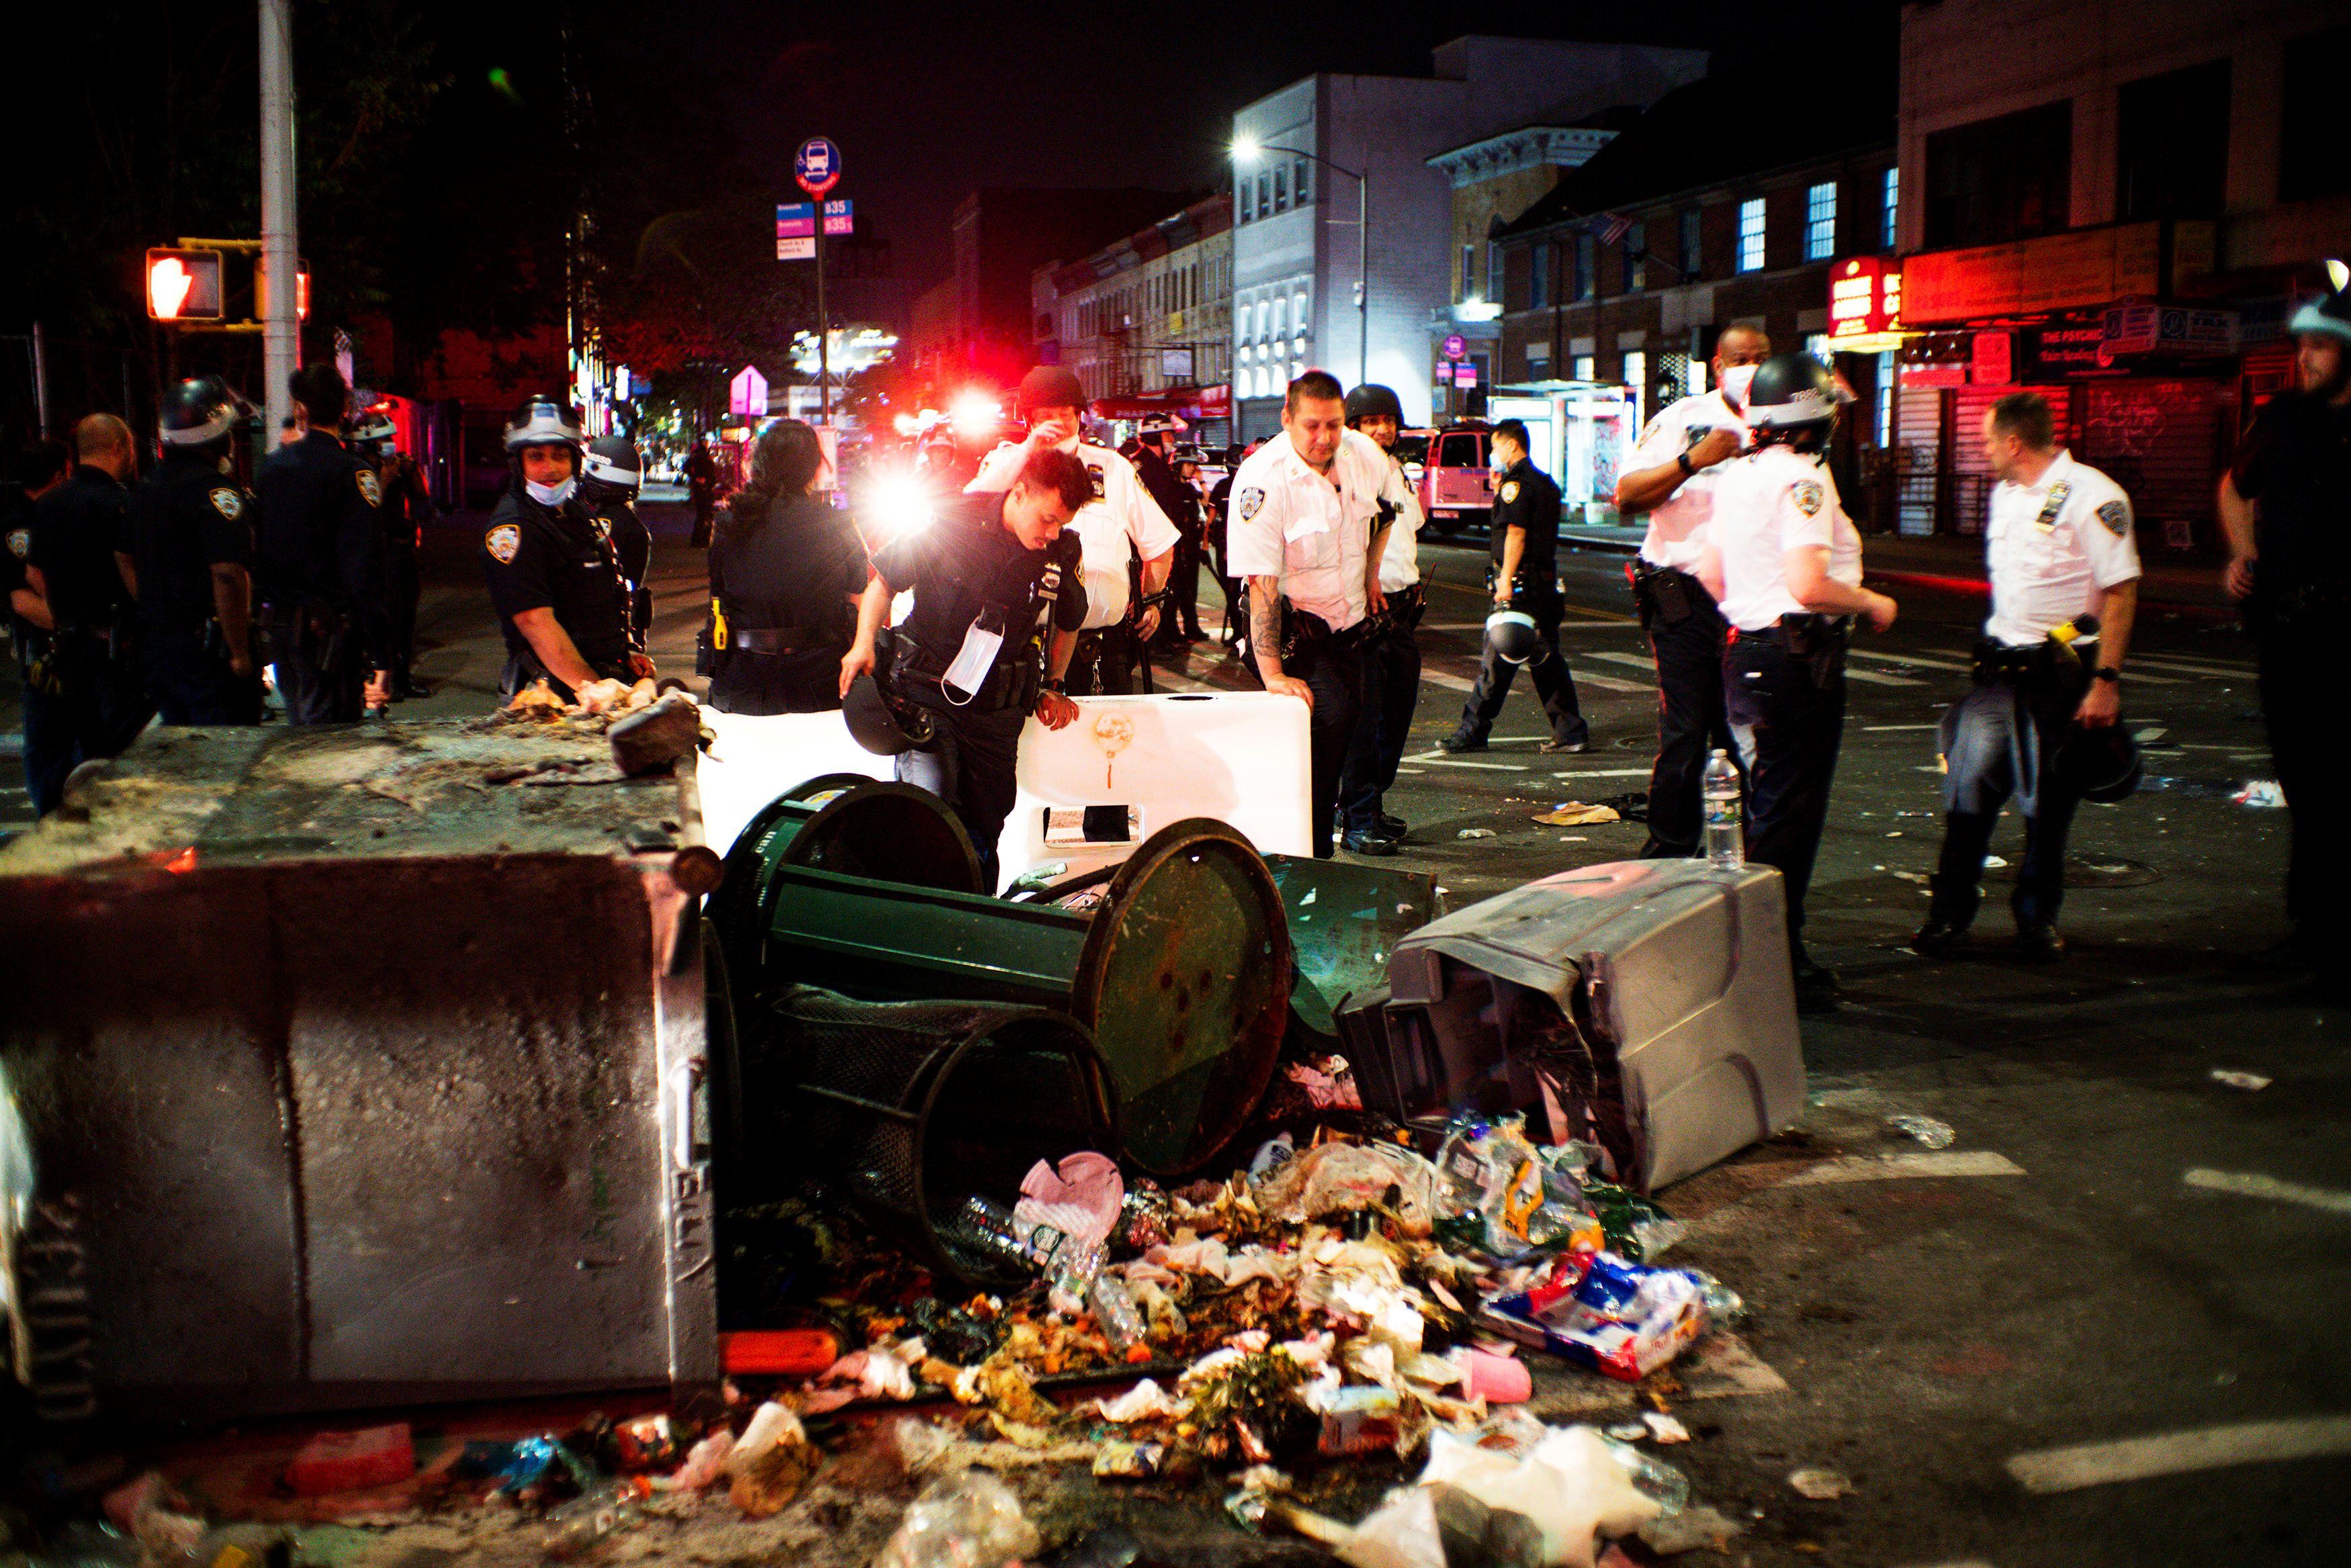 Oficiales revisan los destrozos y la basura arrojada por la protesta